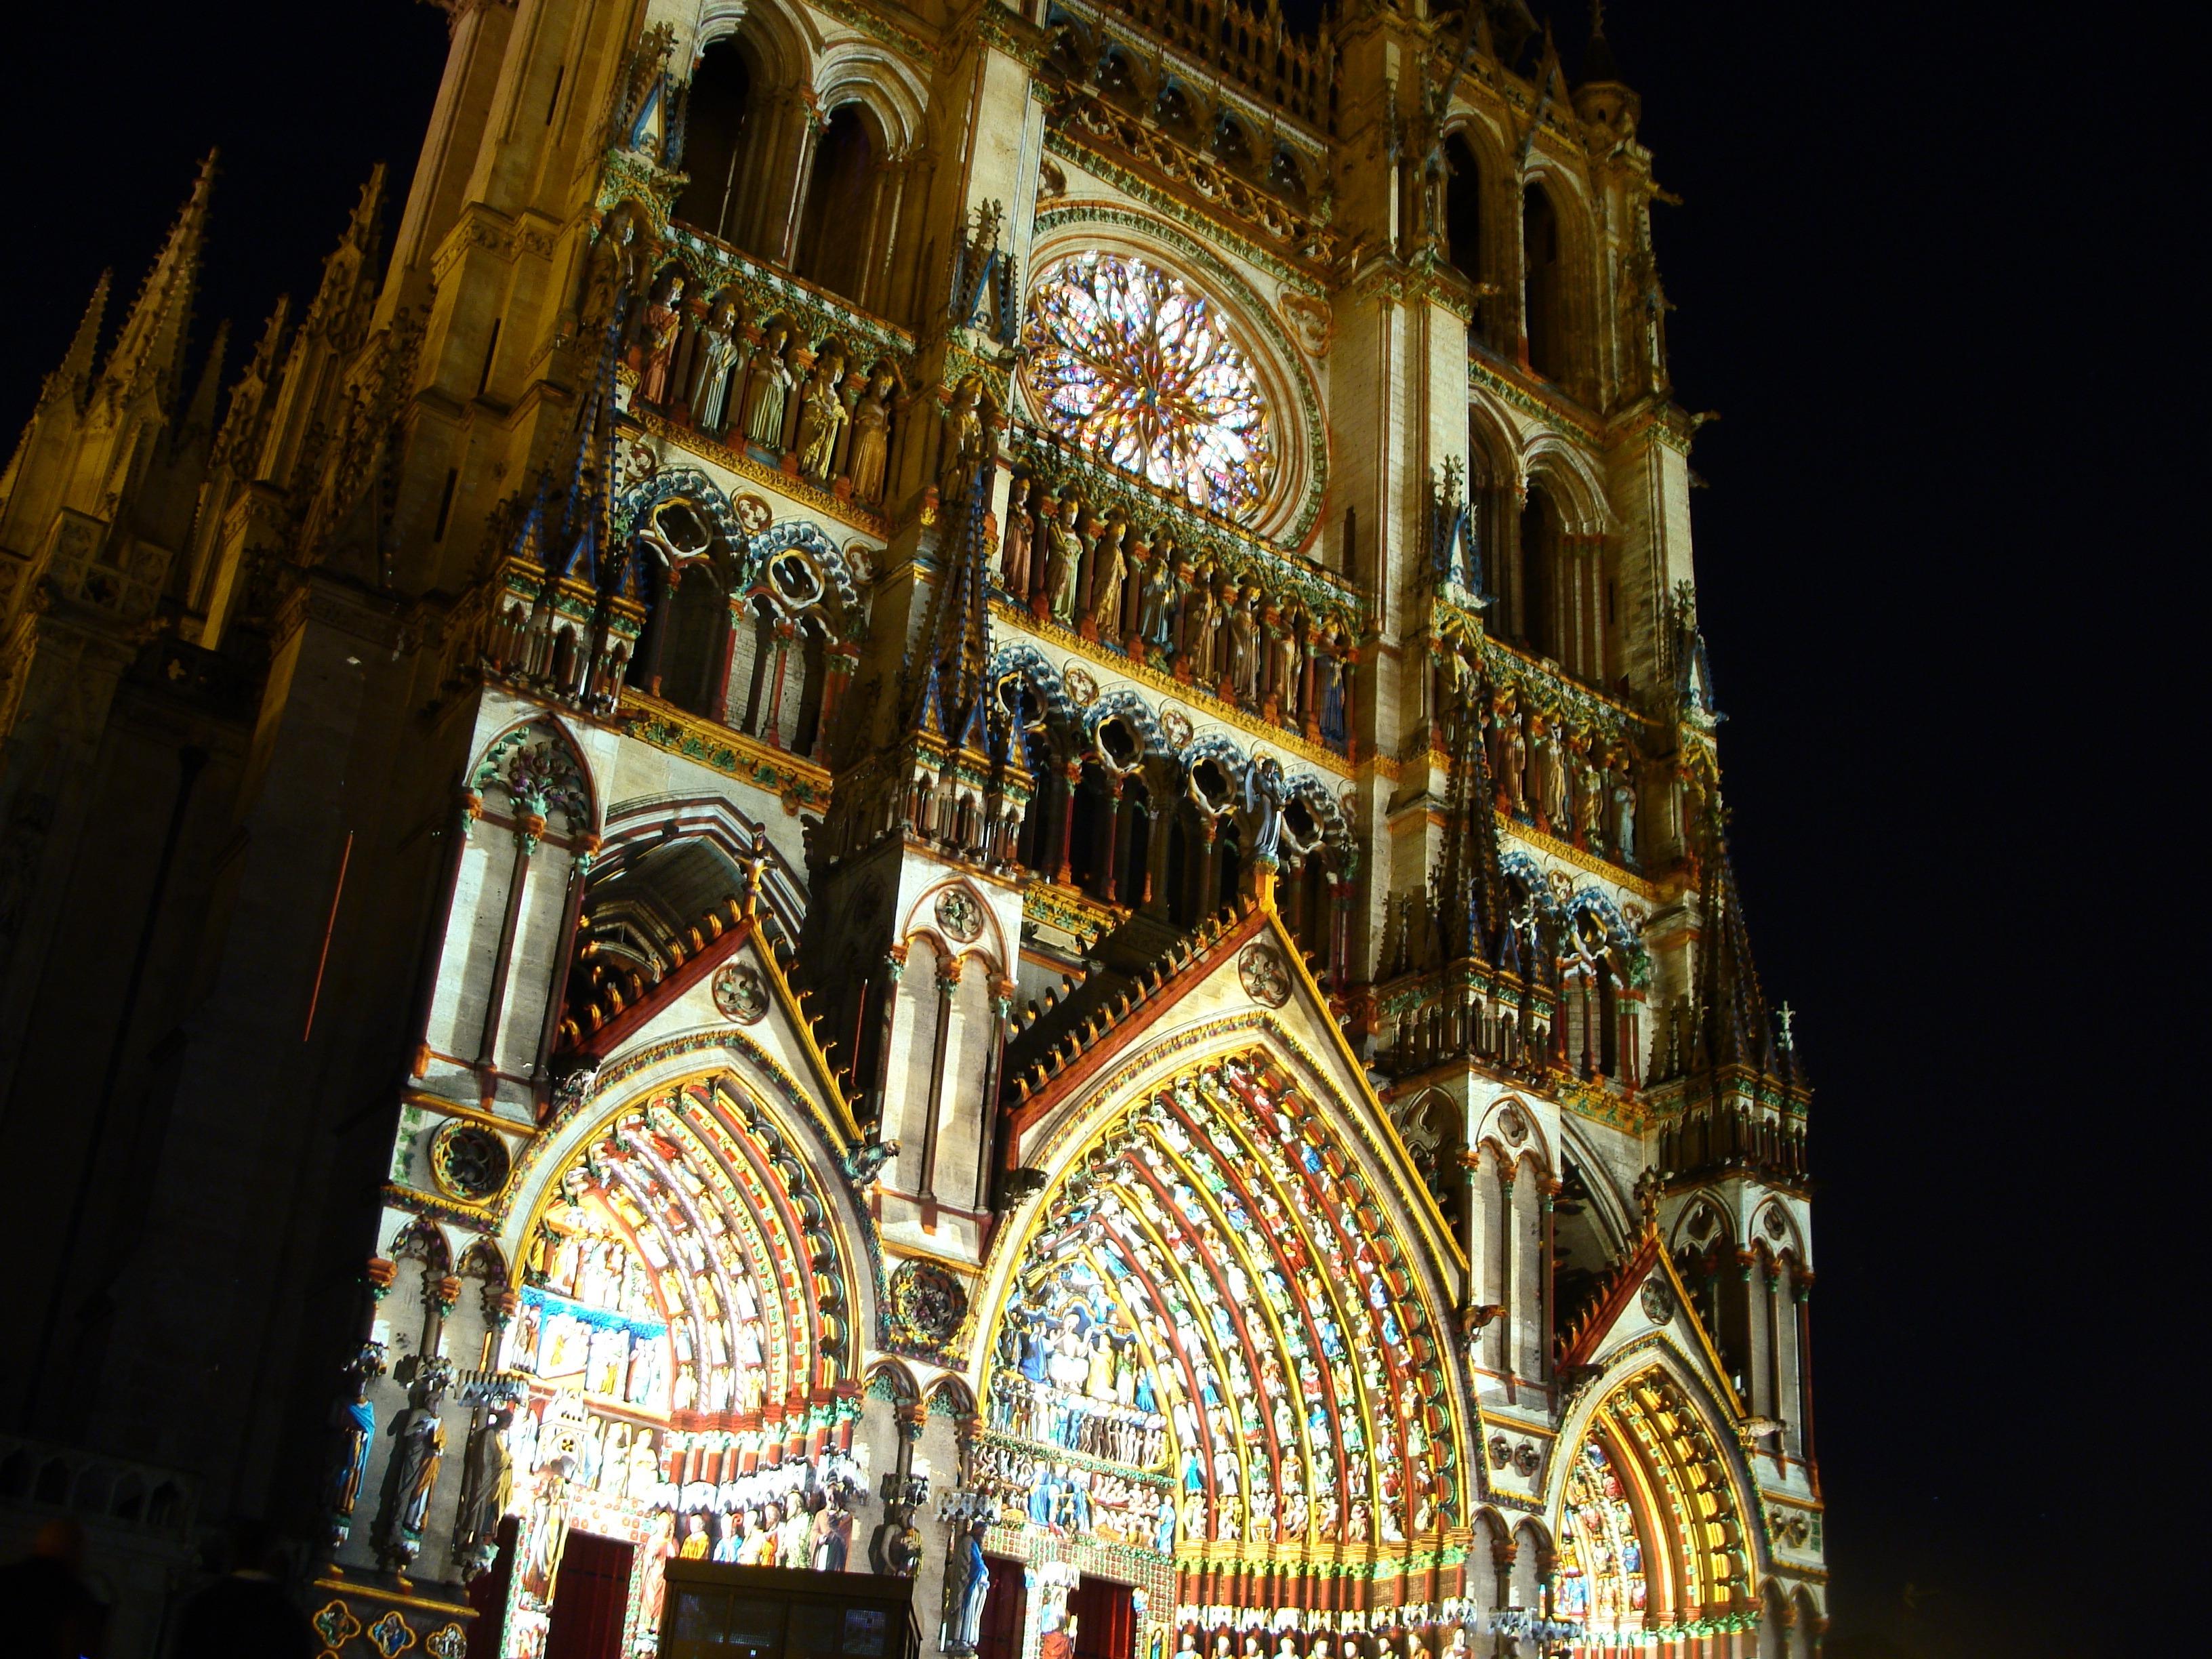 Des joyaux de l'architecture parisienne galvaudés - Page 2 Cath%C3%A9drale_d%27Amiens_en_couleurs